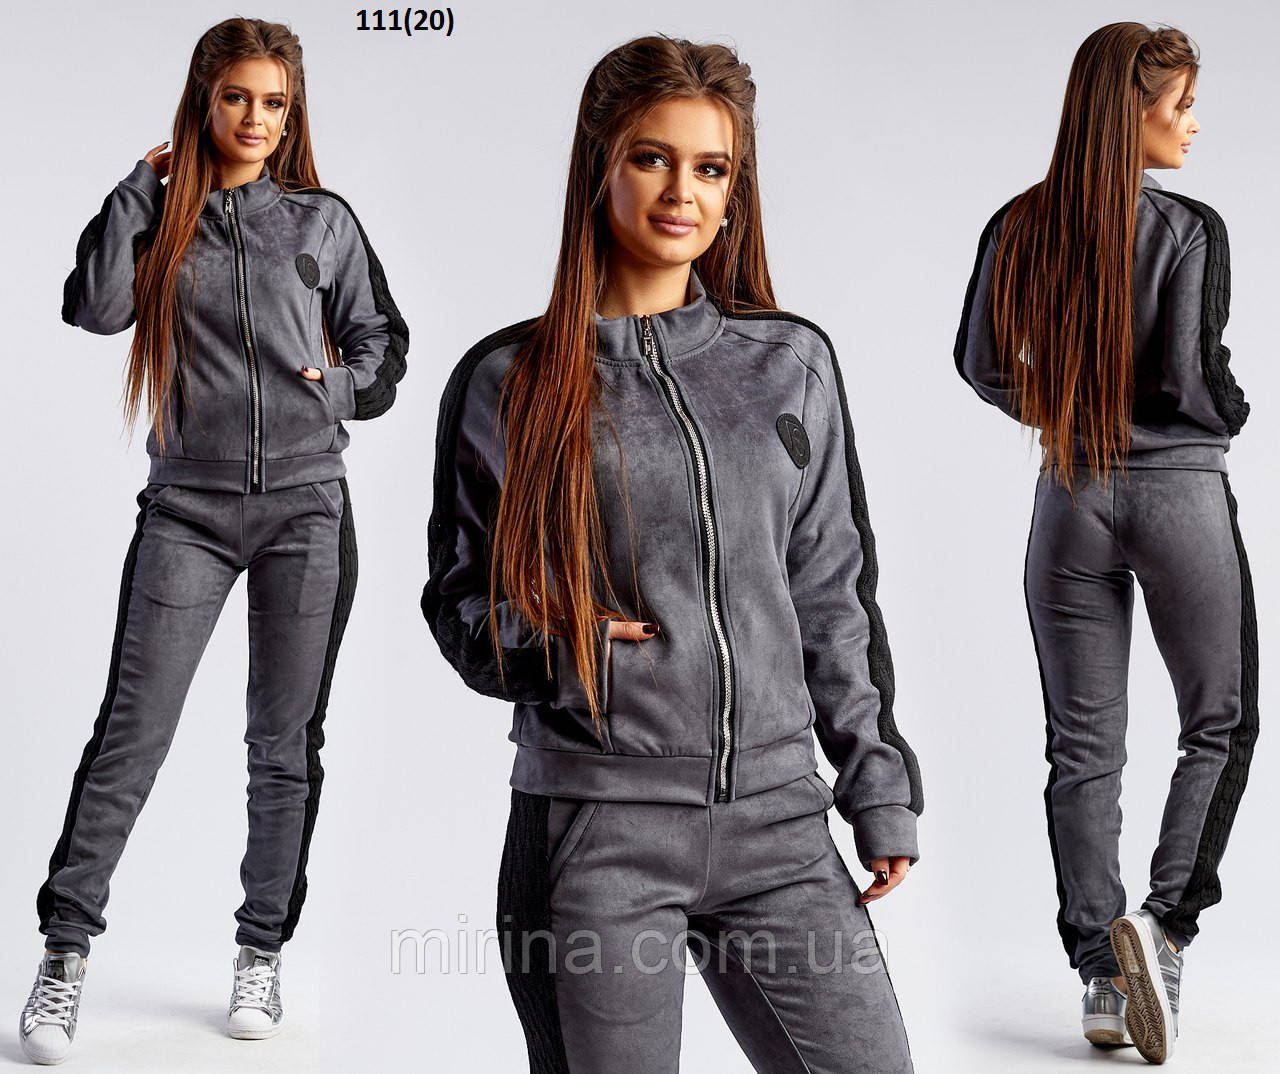 Женский спортивный костюм 111(20)